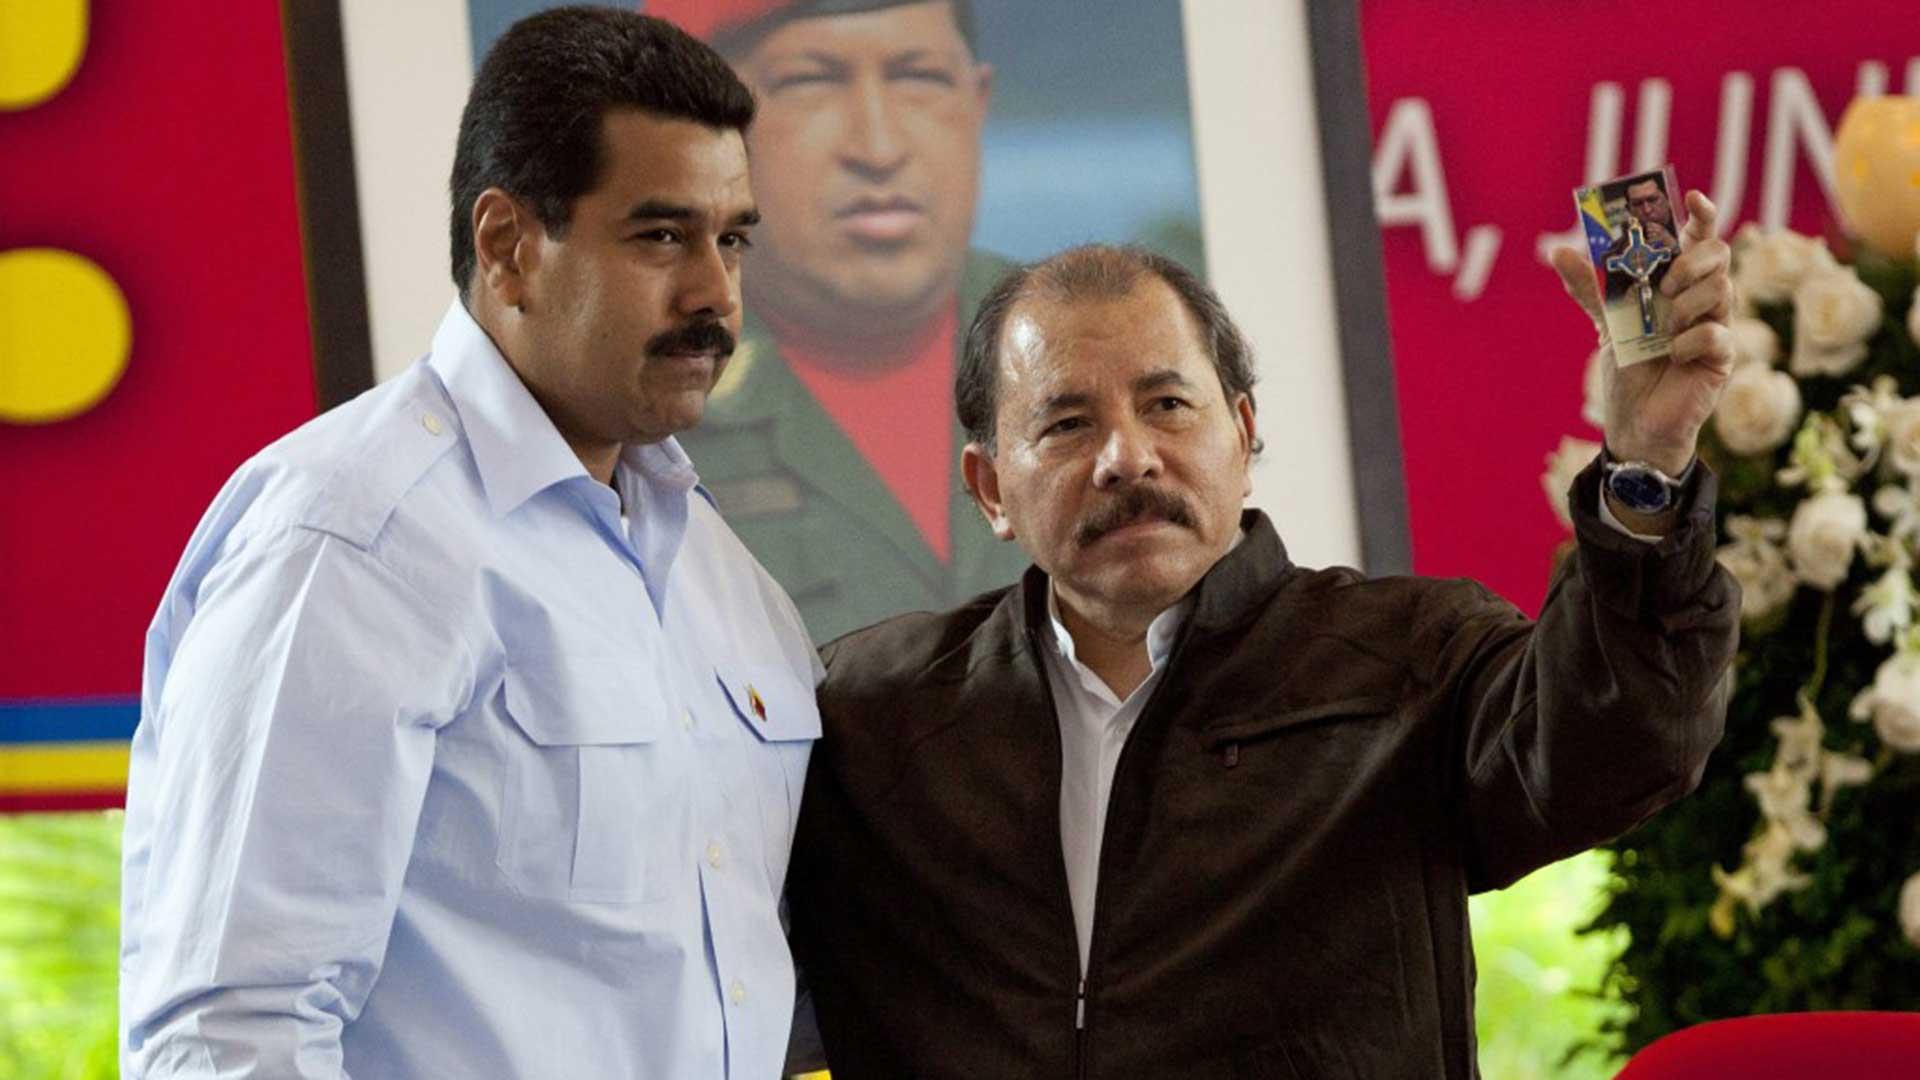 Los regímenes de Nicolás Maduro y Daniel Ortega violan los derechos humanos en Venezuela y Nicaragua (EFE)